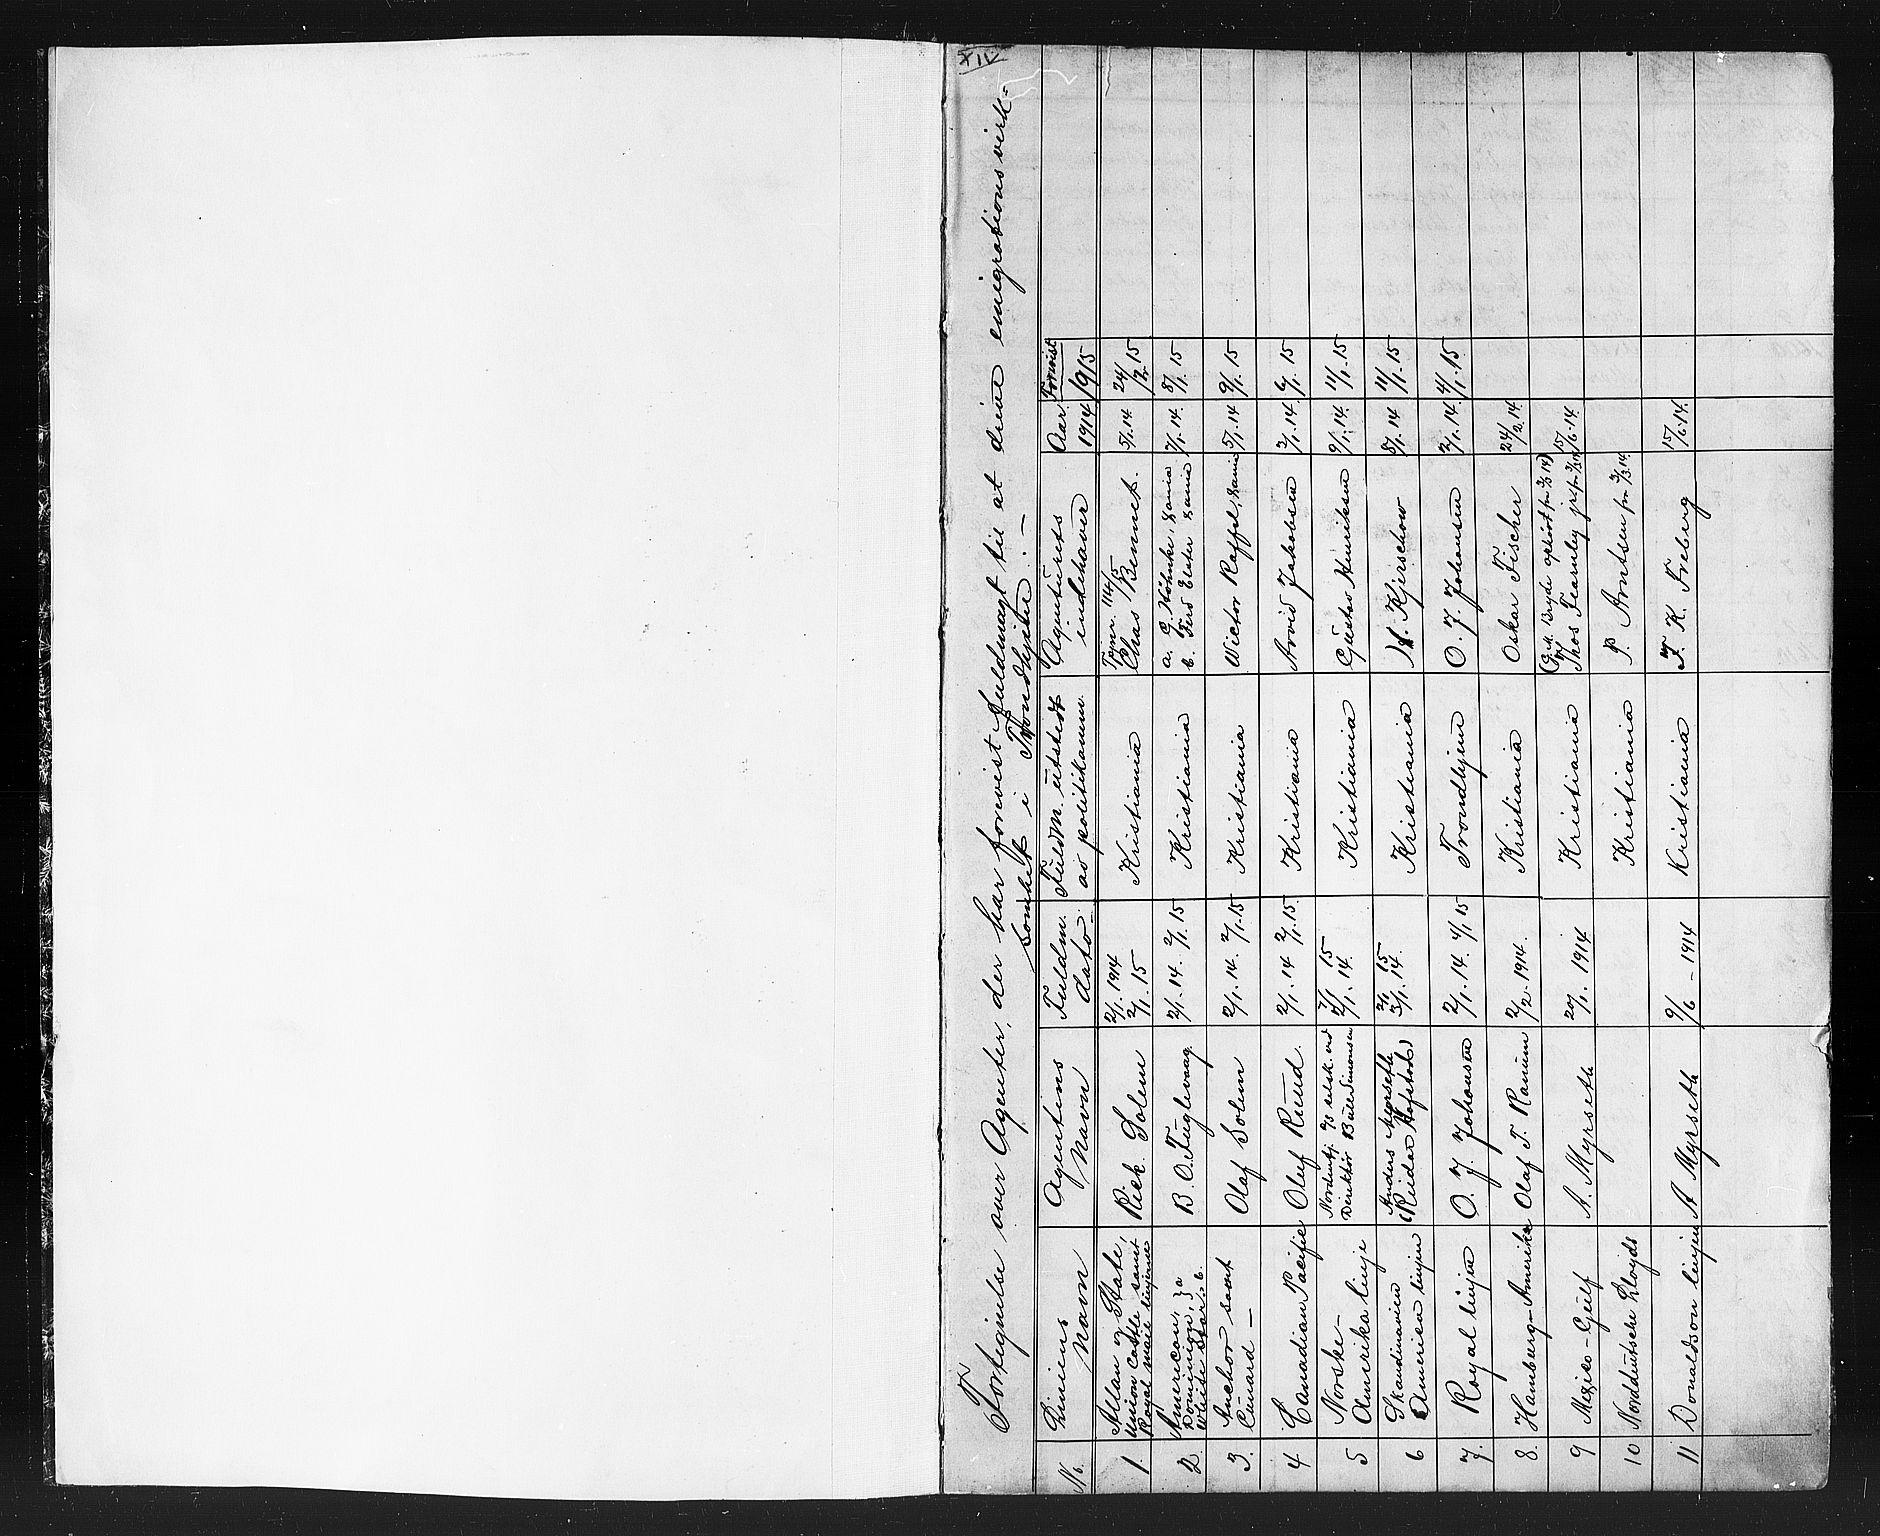 SAT, Trondheim politikammer, 32/L0015: Emigrantprotokoll XIV 12.04-23.08, 1911-1916